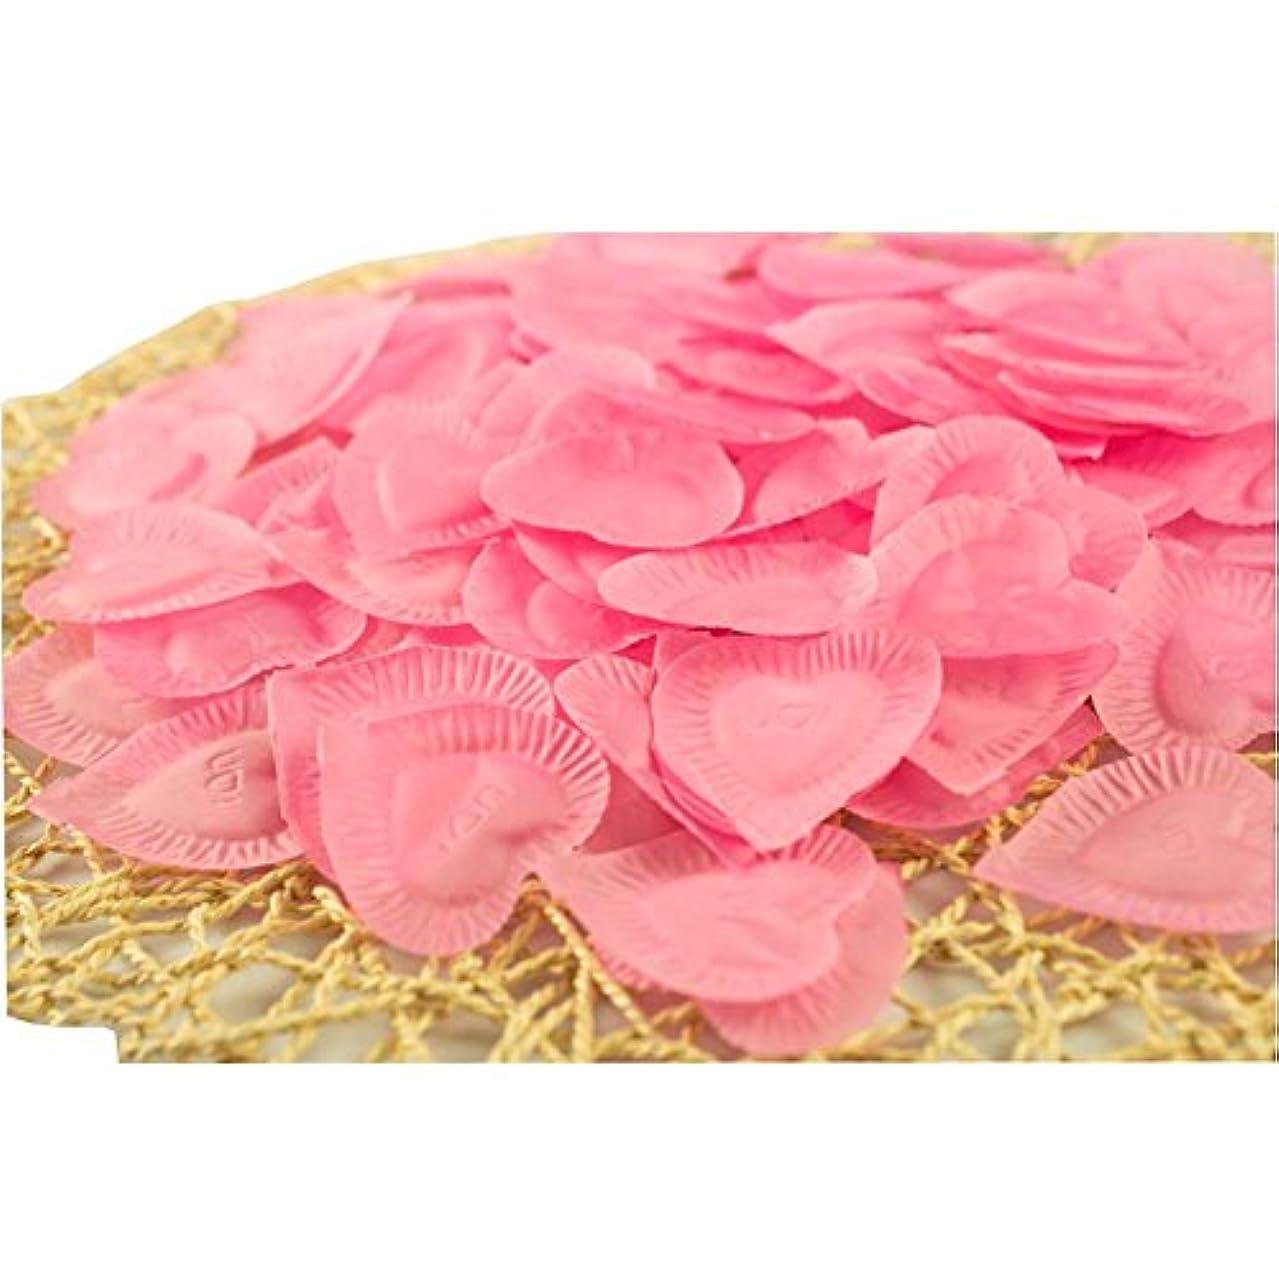 ゴールド変わるケイ素結婚式のための人工花びらのバレンタイン840個